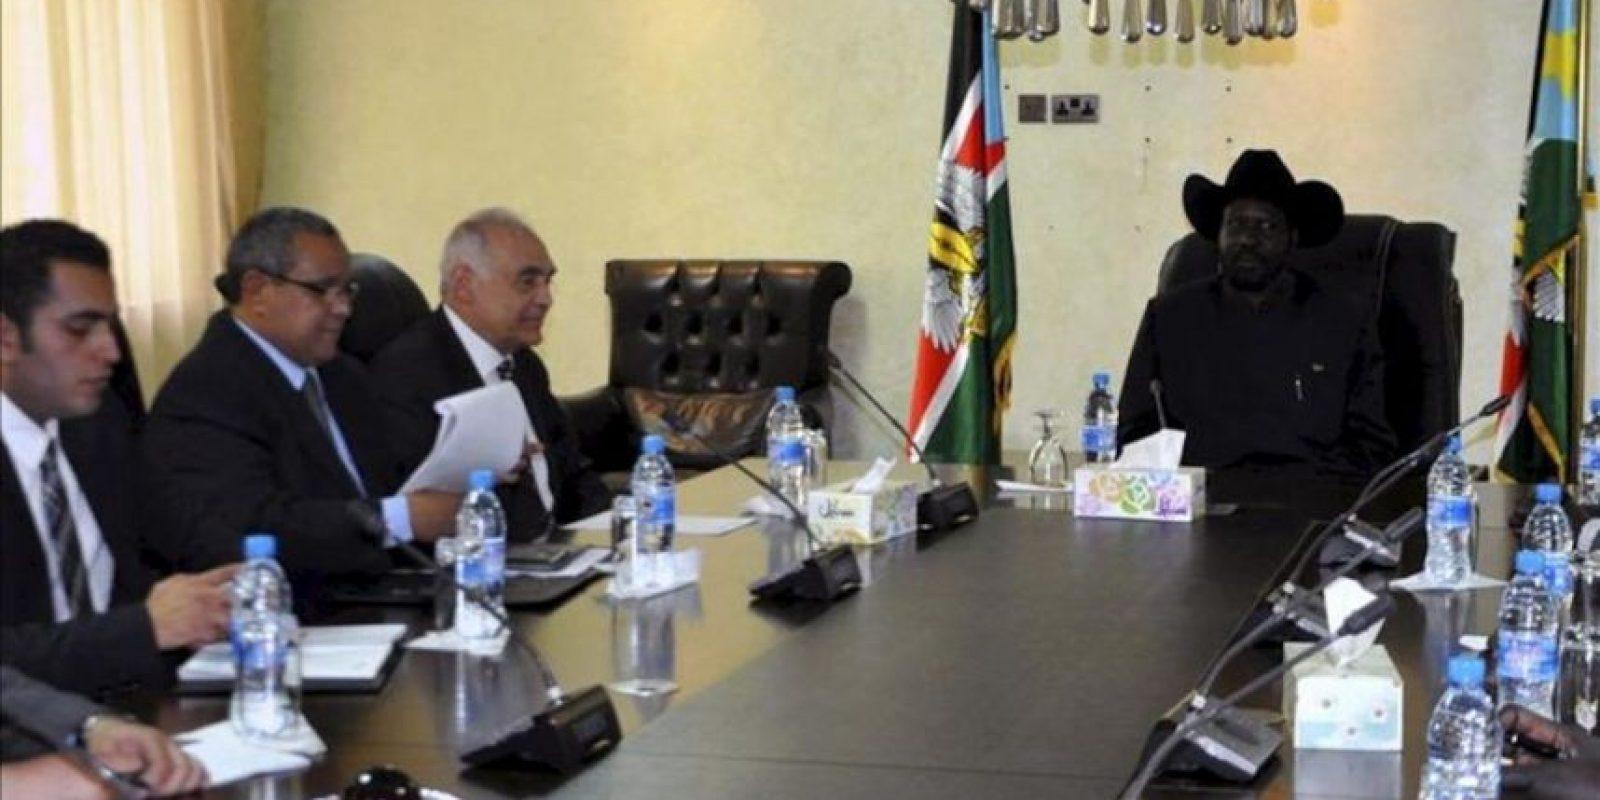 El presidente de Sudán de Sur, Salva Kiir Mayardit (d) conversa con el ministro egipcio de Asuntos Exteriores, Mohamed Amr Kamel (2d) durante una reunión celebrada en Yuba, Sudán del Sur. EFE